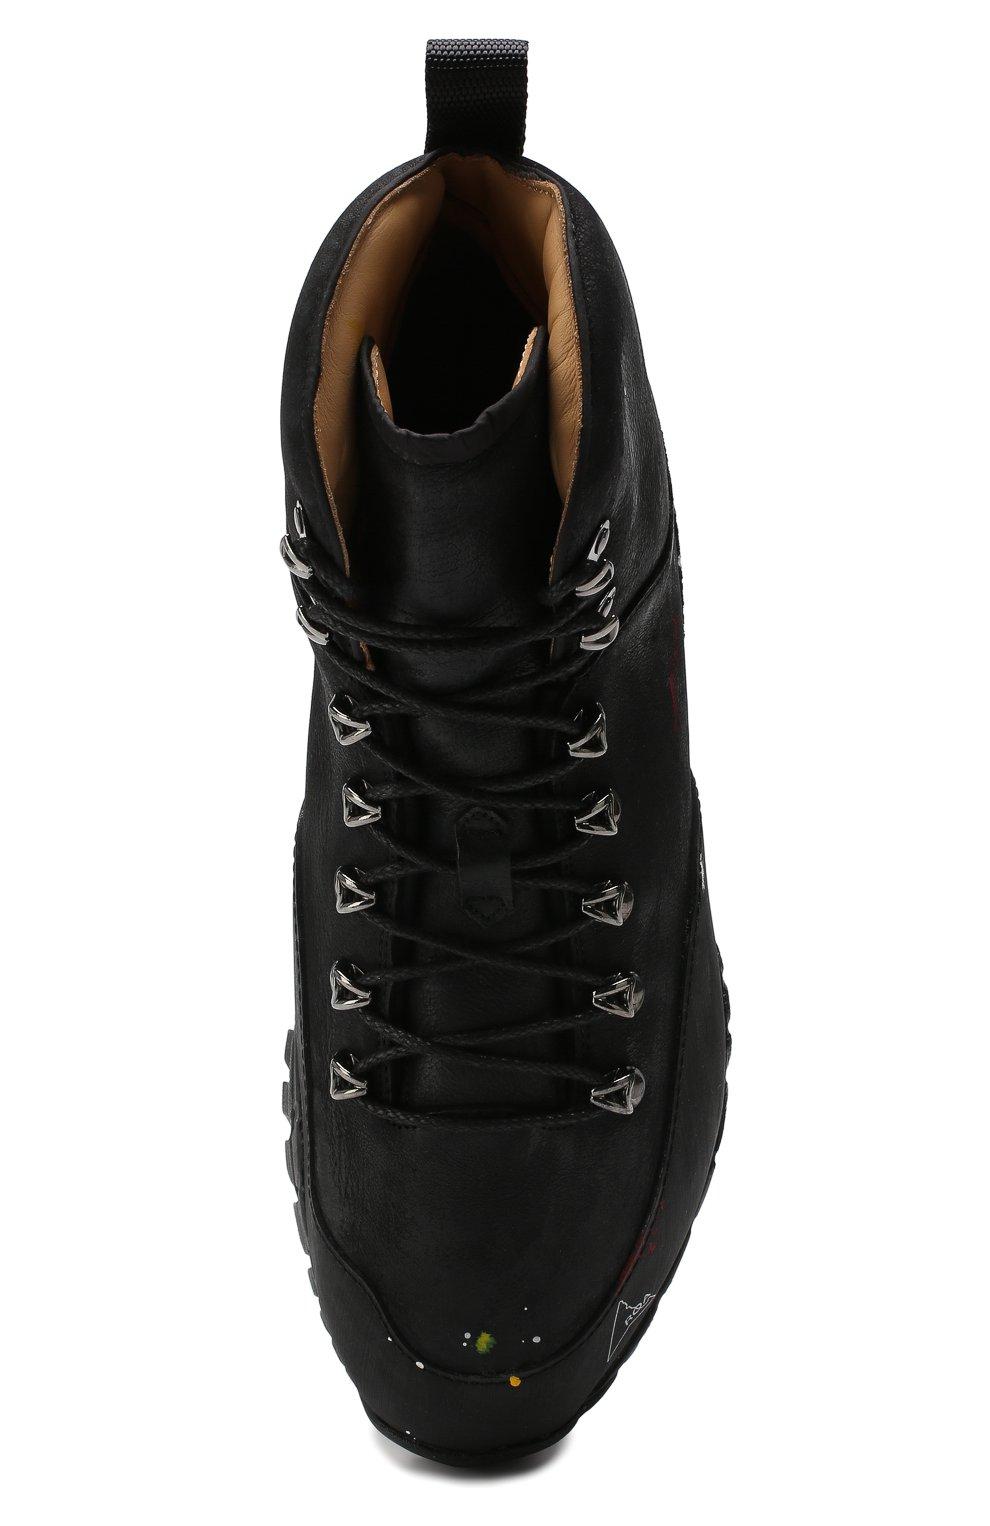 Мужские комбинированные ботинки ROA черного цвета, арт. VAR092   Фото 5 (Материал внешний: Текстиль; Мужское Кросс-КТ: Хайкеры-обувь, Ботинки-обувь; Материал внутренний: Натуральная кожа, Текстиль; Статус проверки: Проверено, Проверена категория; Подошва: Плоская)